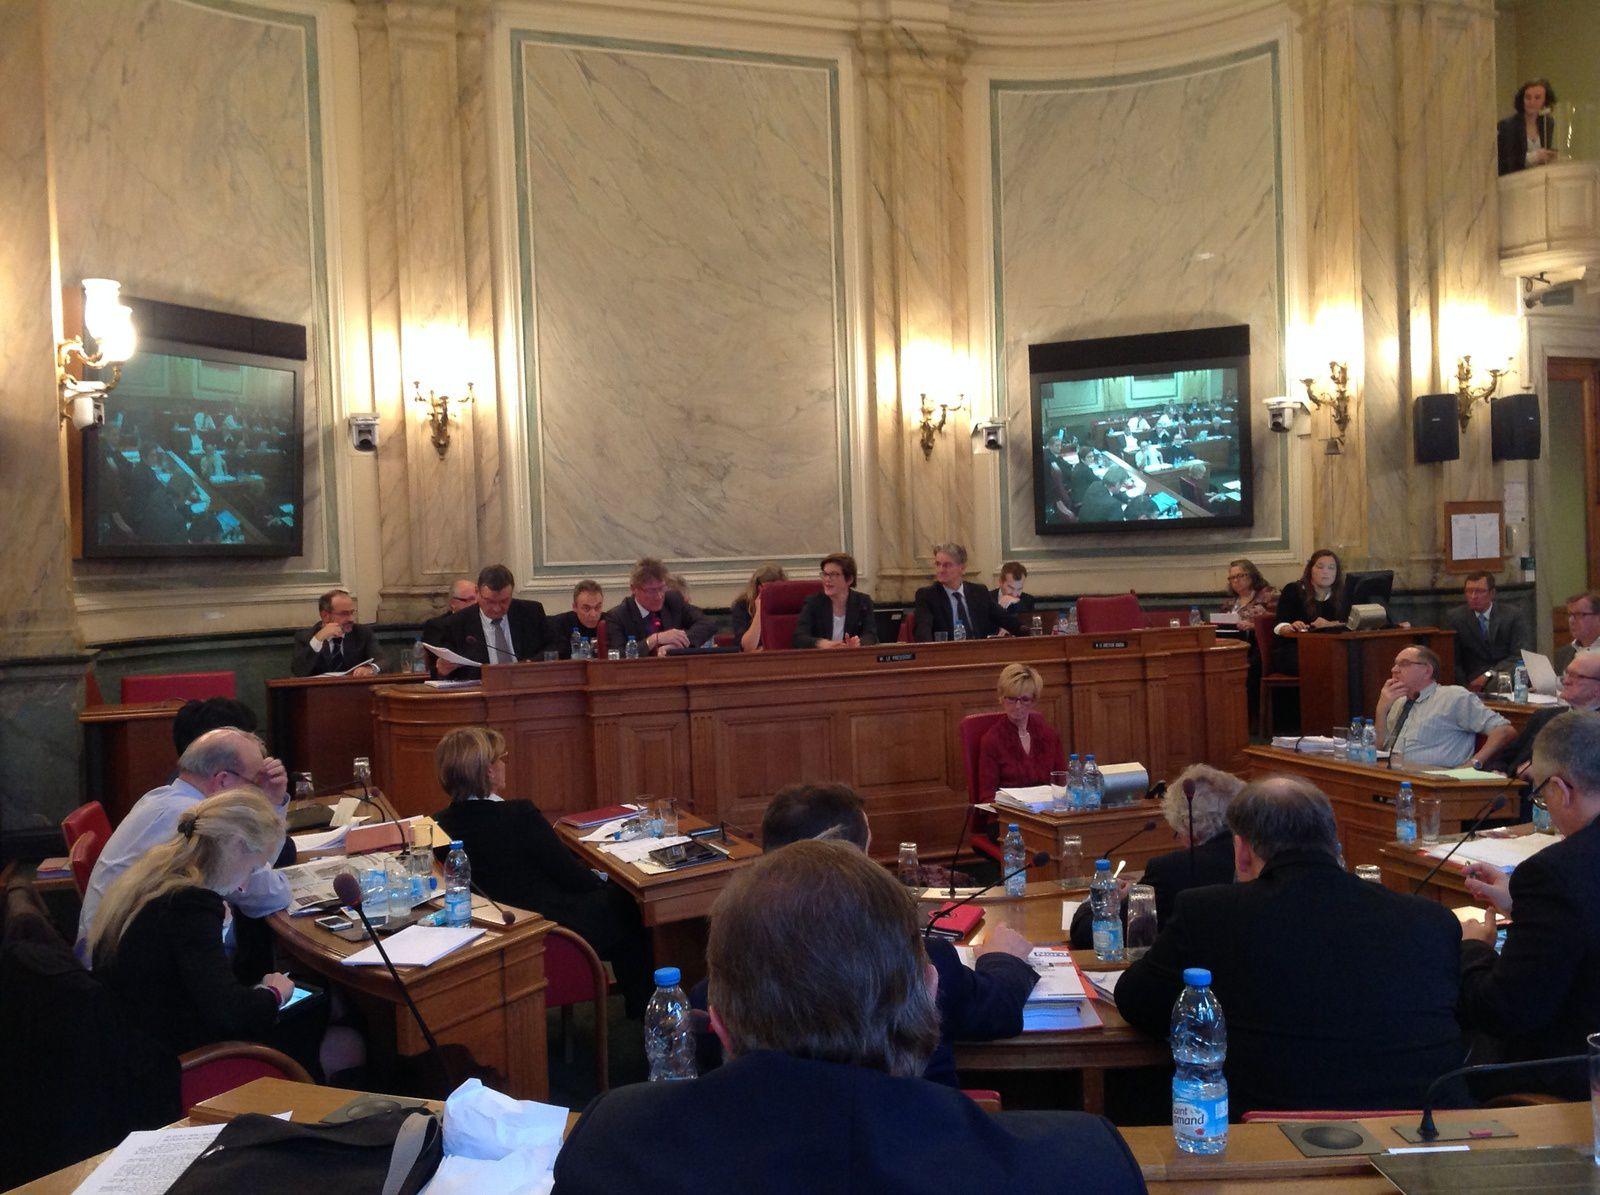 Mercredi 17 décembre au CG 59 à Lille, de 9h00 à 17h15 : participation à la troisième et dernière journée de débats pour le budget 2015.